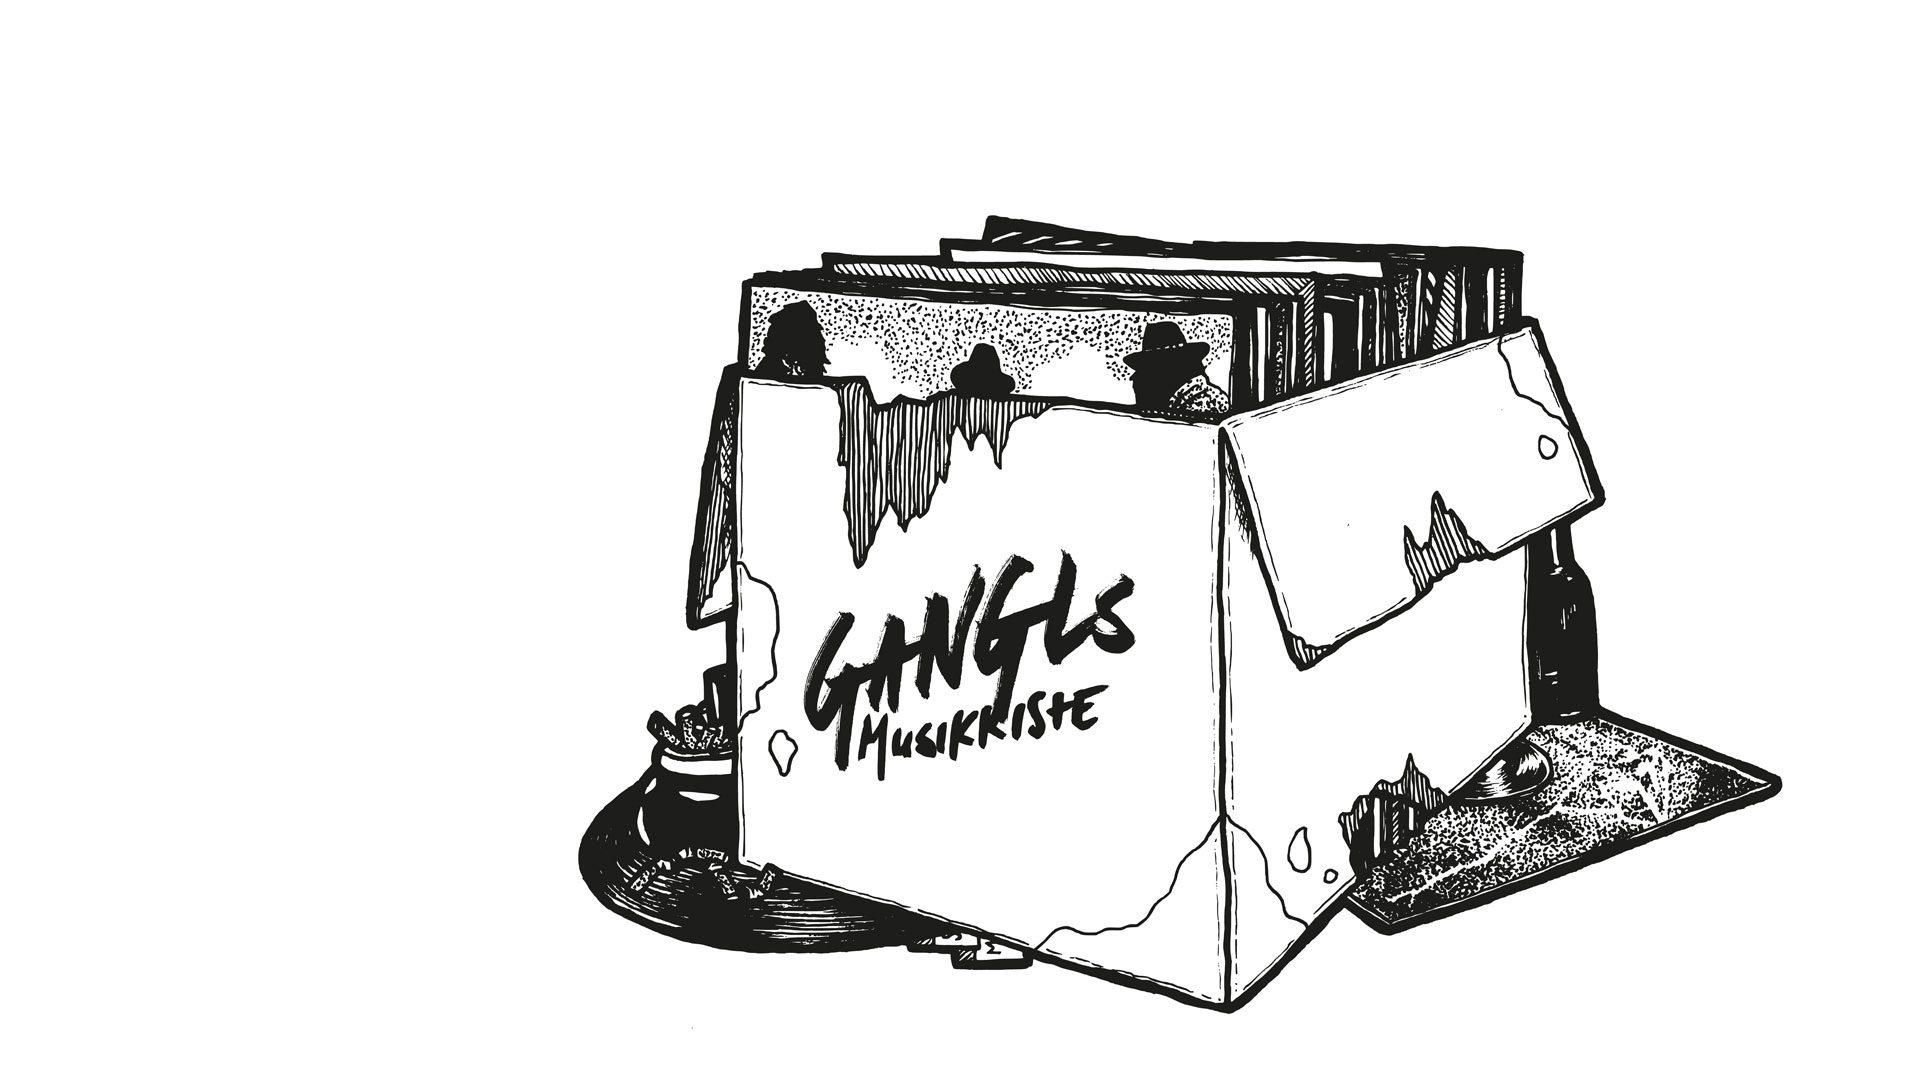 Gangls Musikkiste